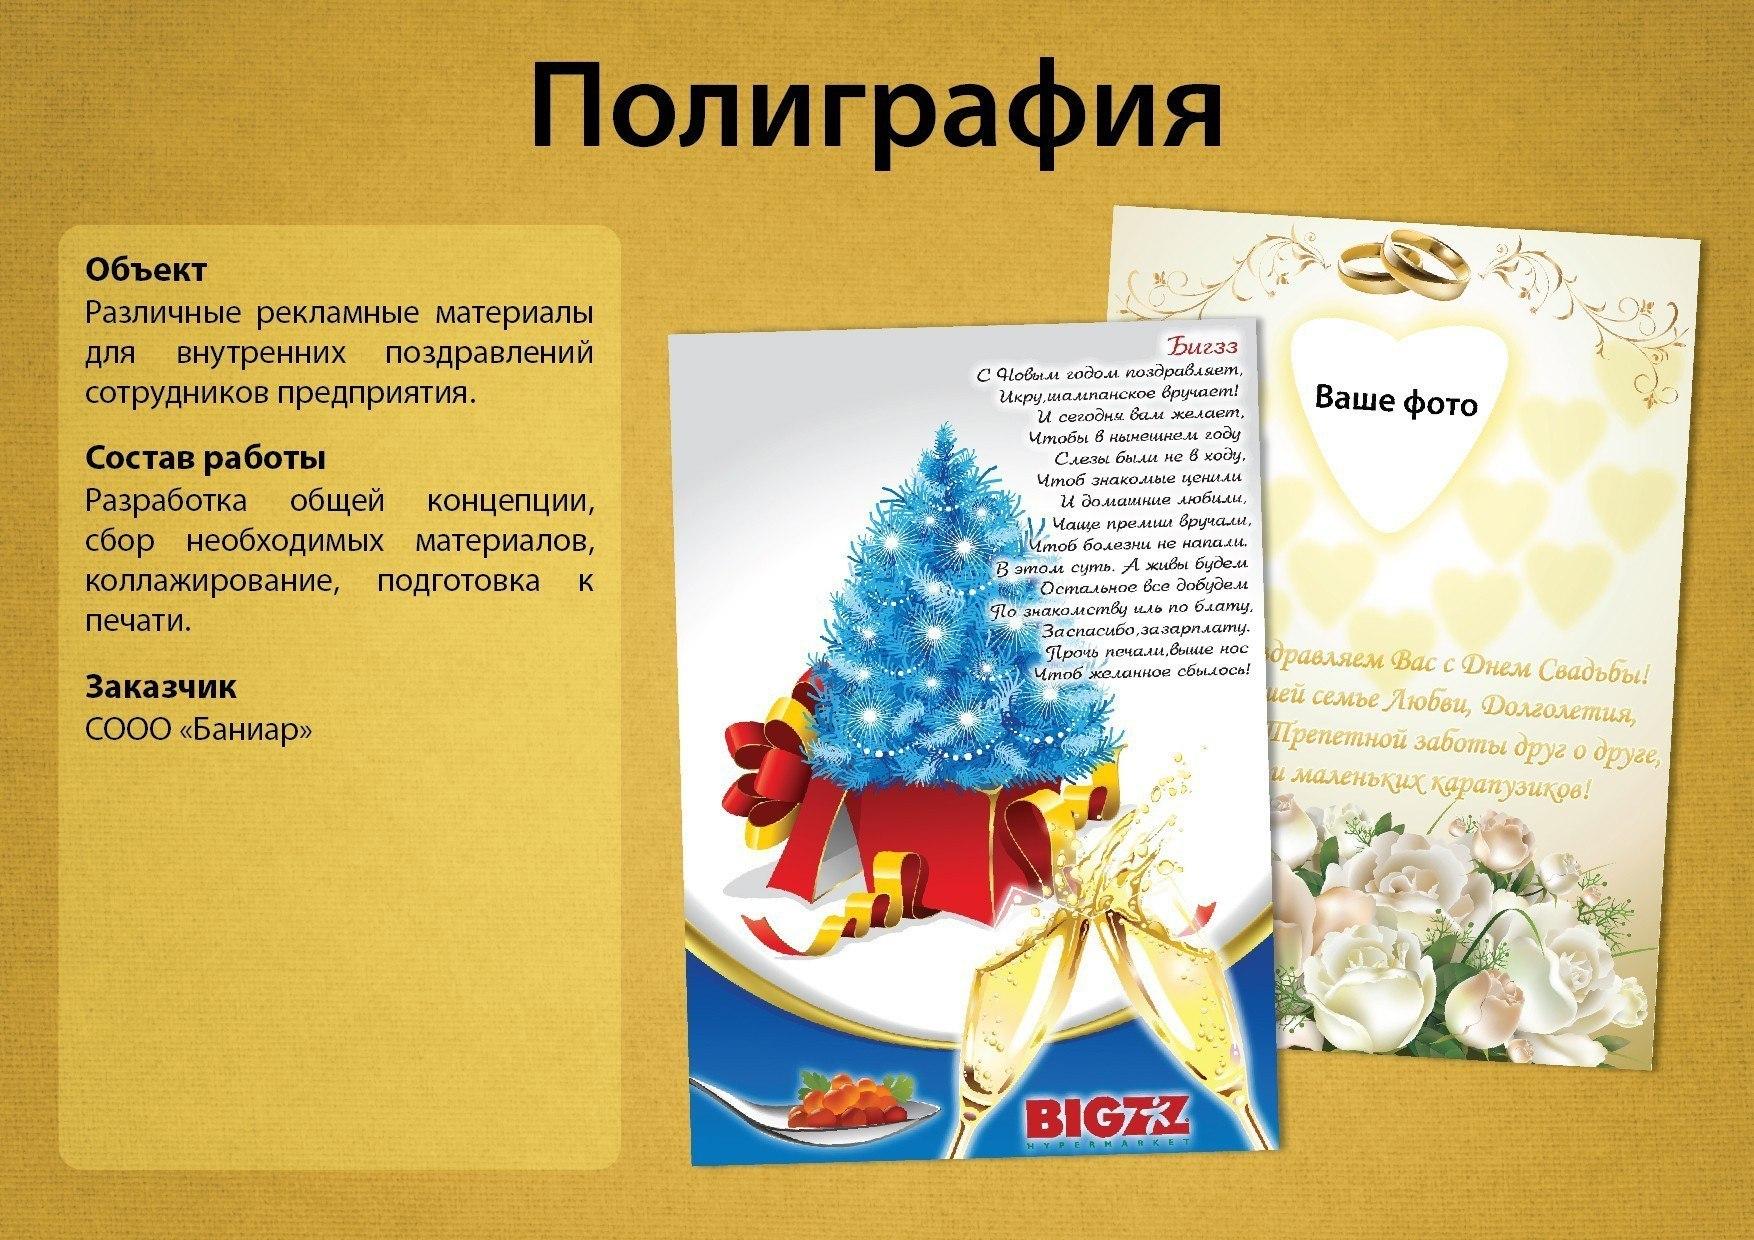 Поздравительная открытка для сотрудников организации